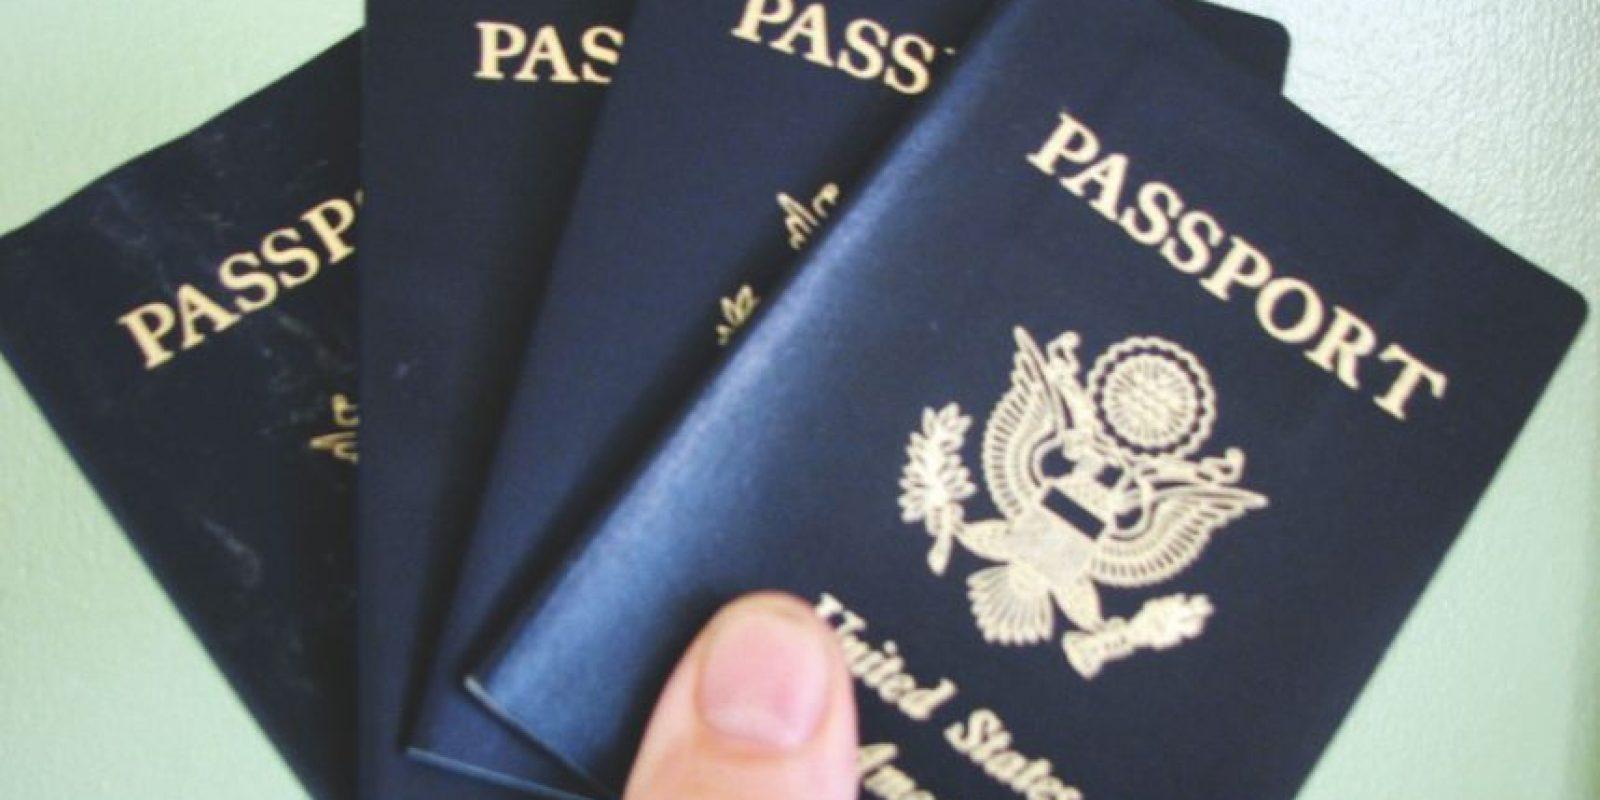 2. Identificaciones falsas: pasaportes, tarjetas de identidad, permisos de conducir, etcétera Foto:Wikicommons